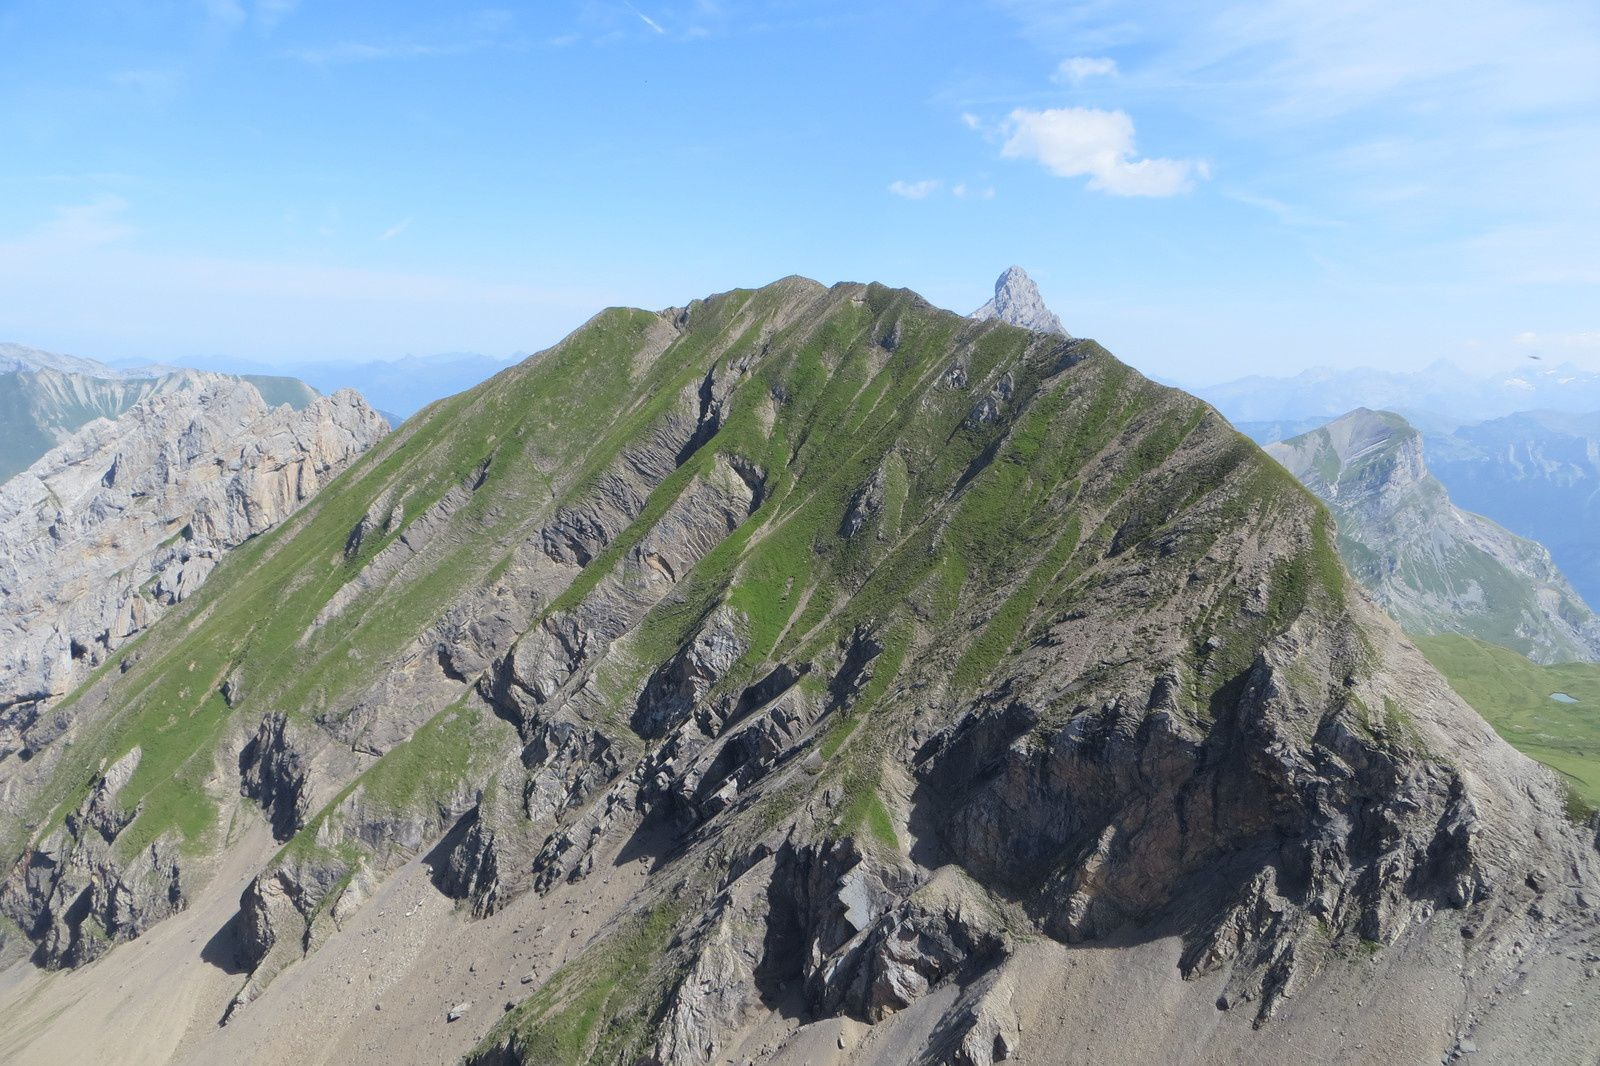 Mont Fleuri 2511m laissant entrevoir le sommet de la Pointe Percée 2750m (vus de la crête)